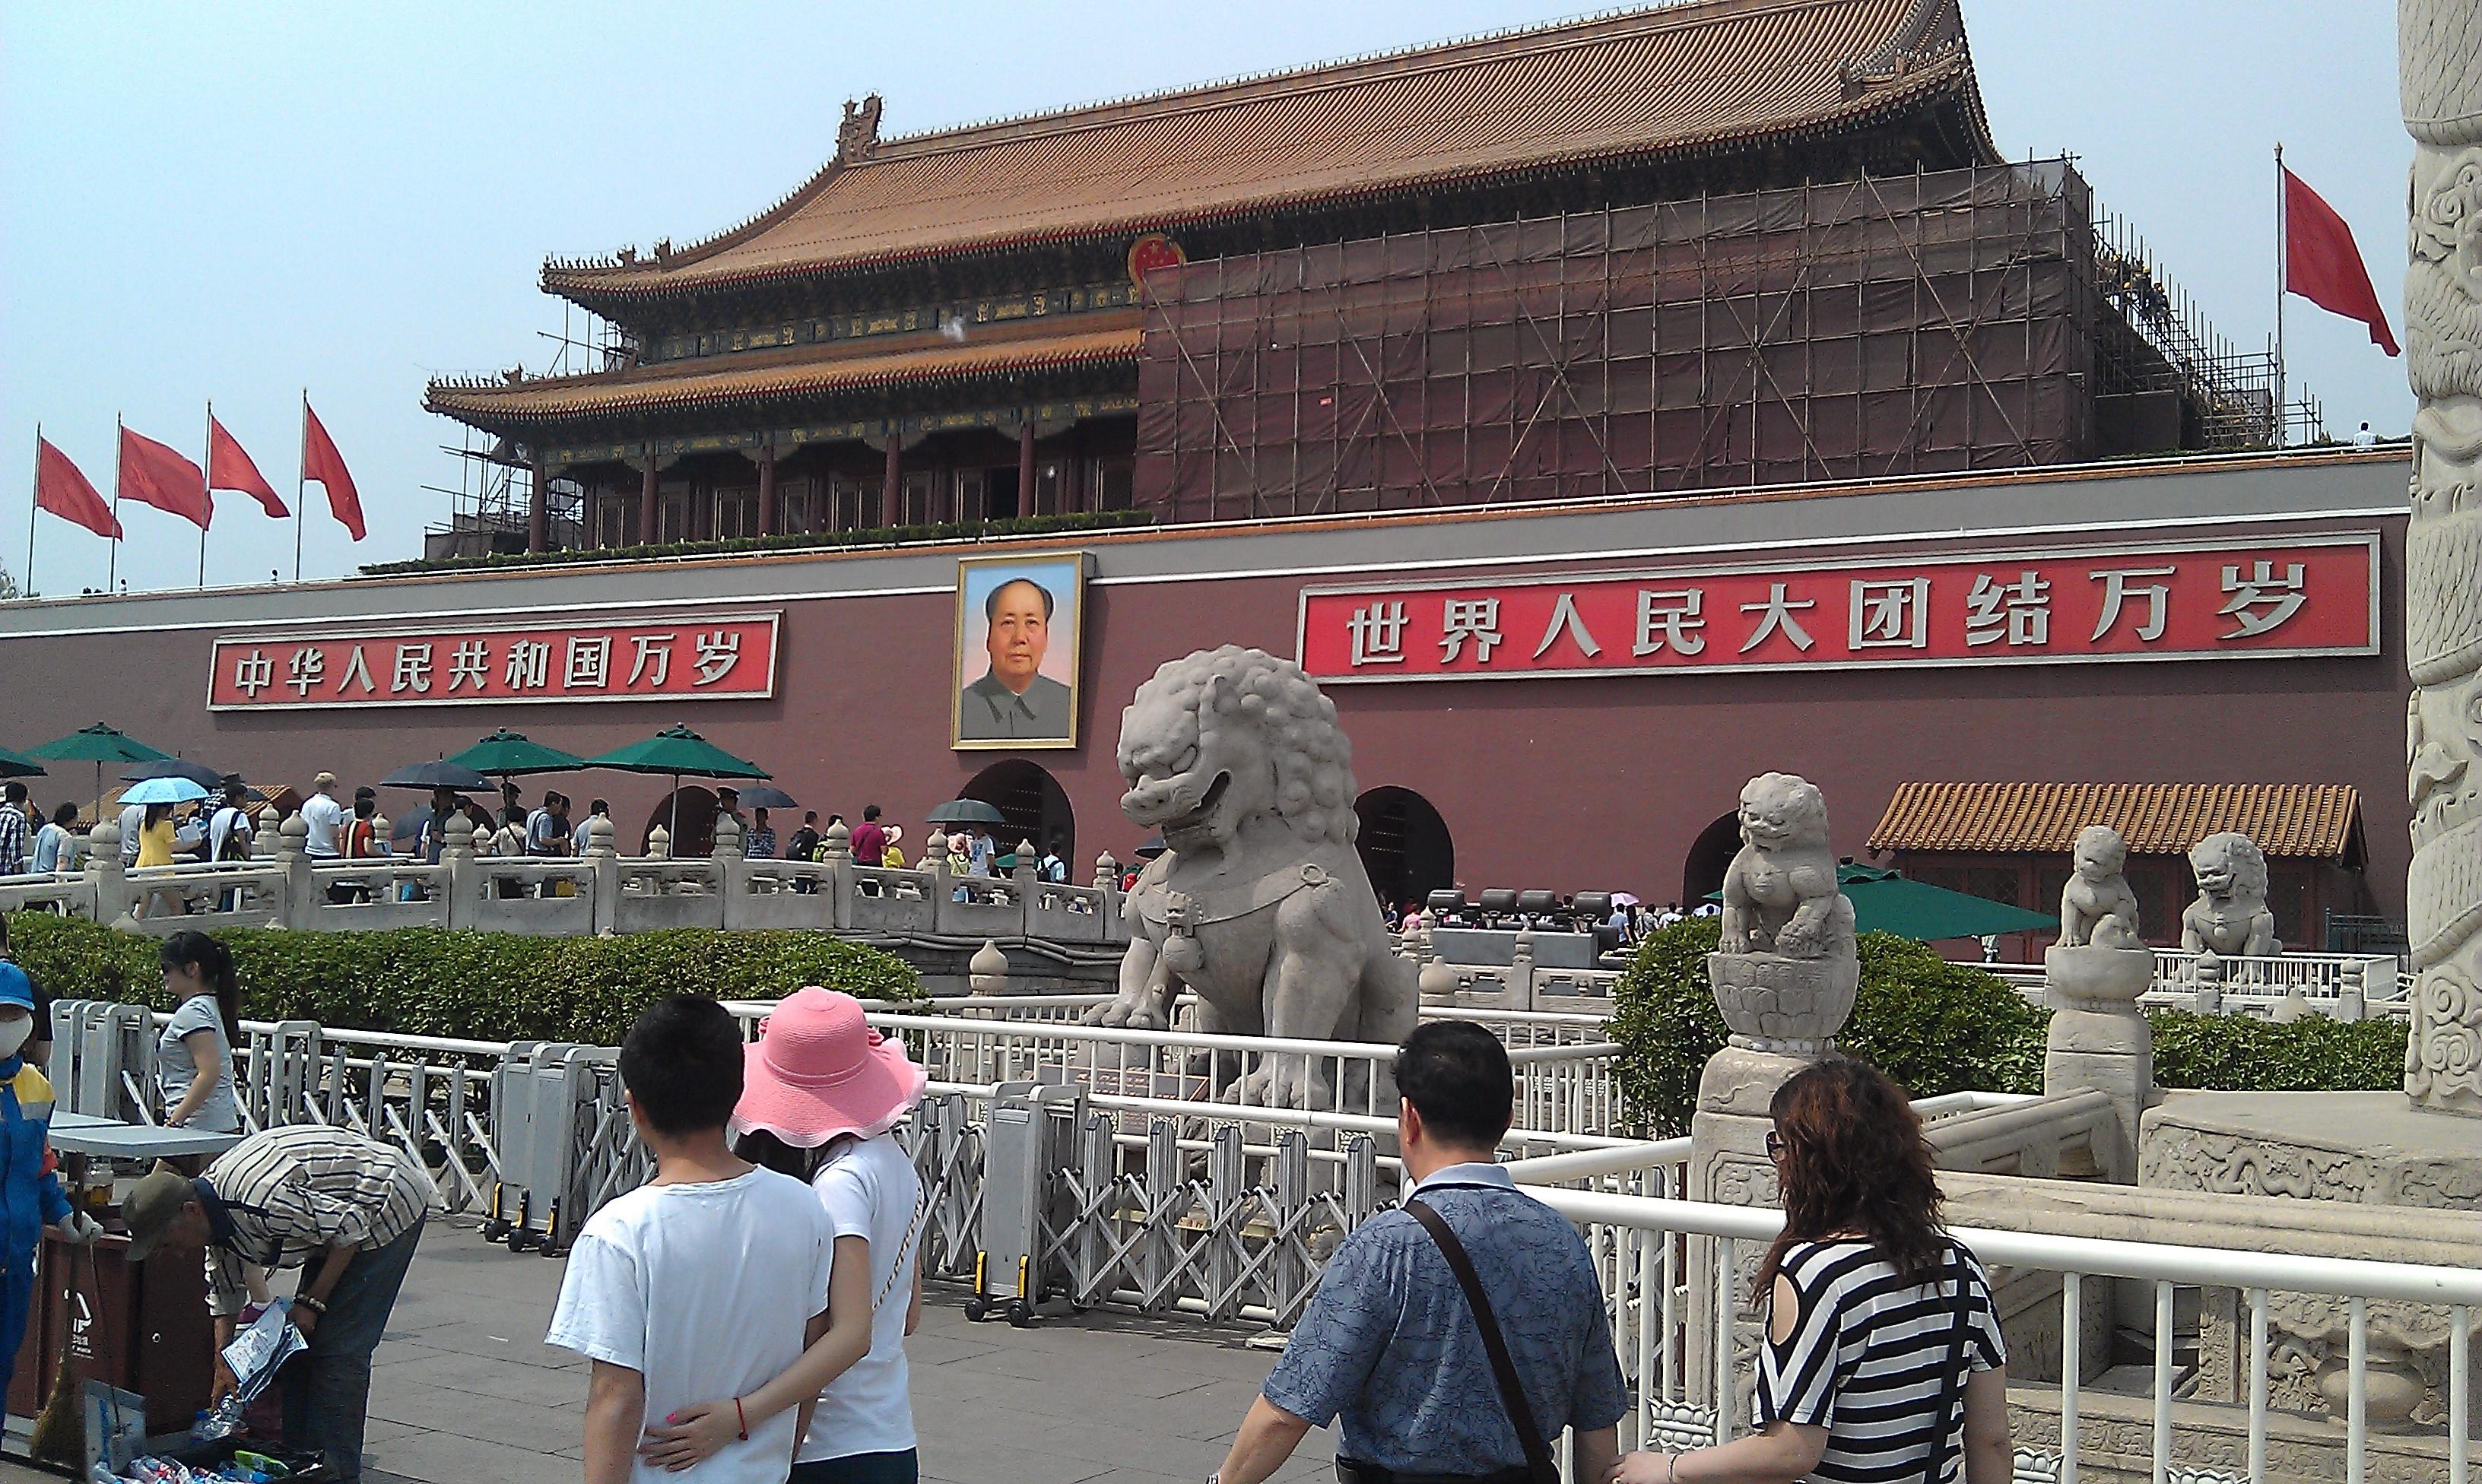 Первый день в Пекине (北京). Запретный город (故宫), парк Бэйхай (北海), улица Ванфуцзин (王府井街)